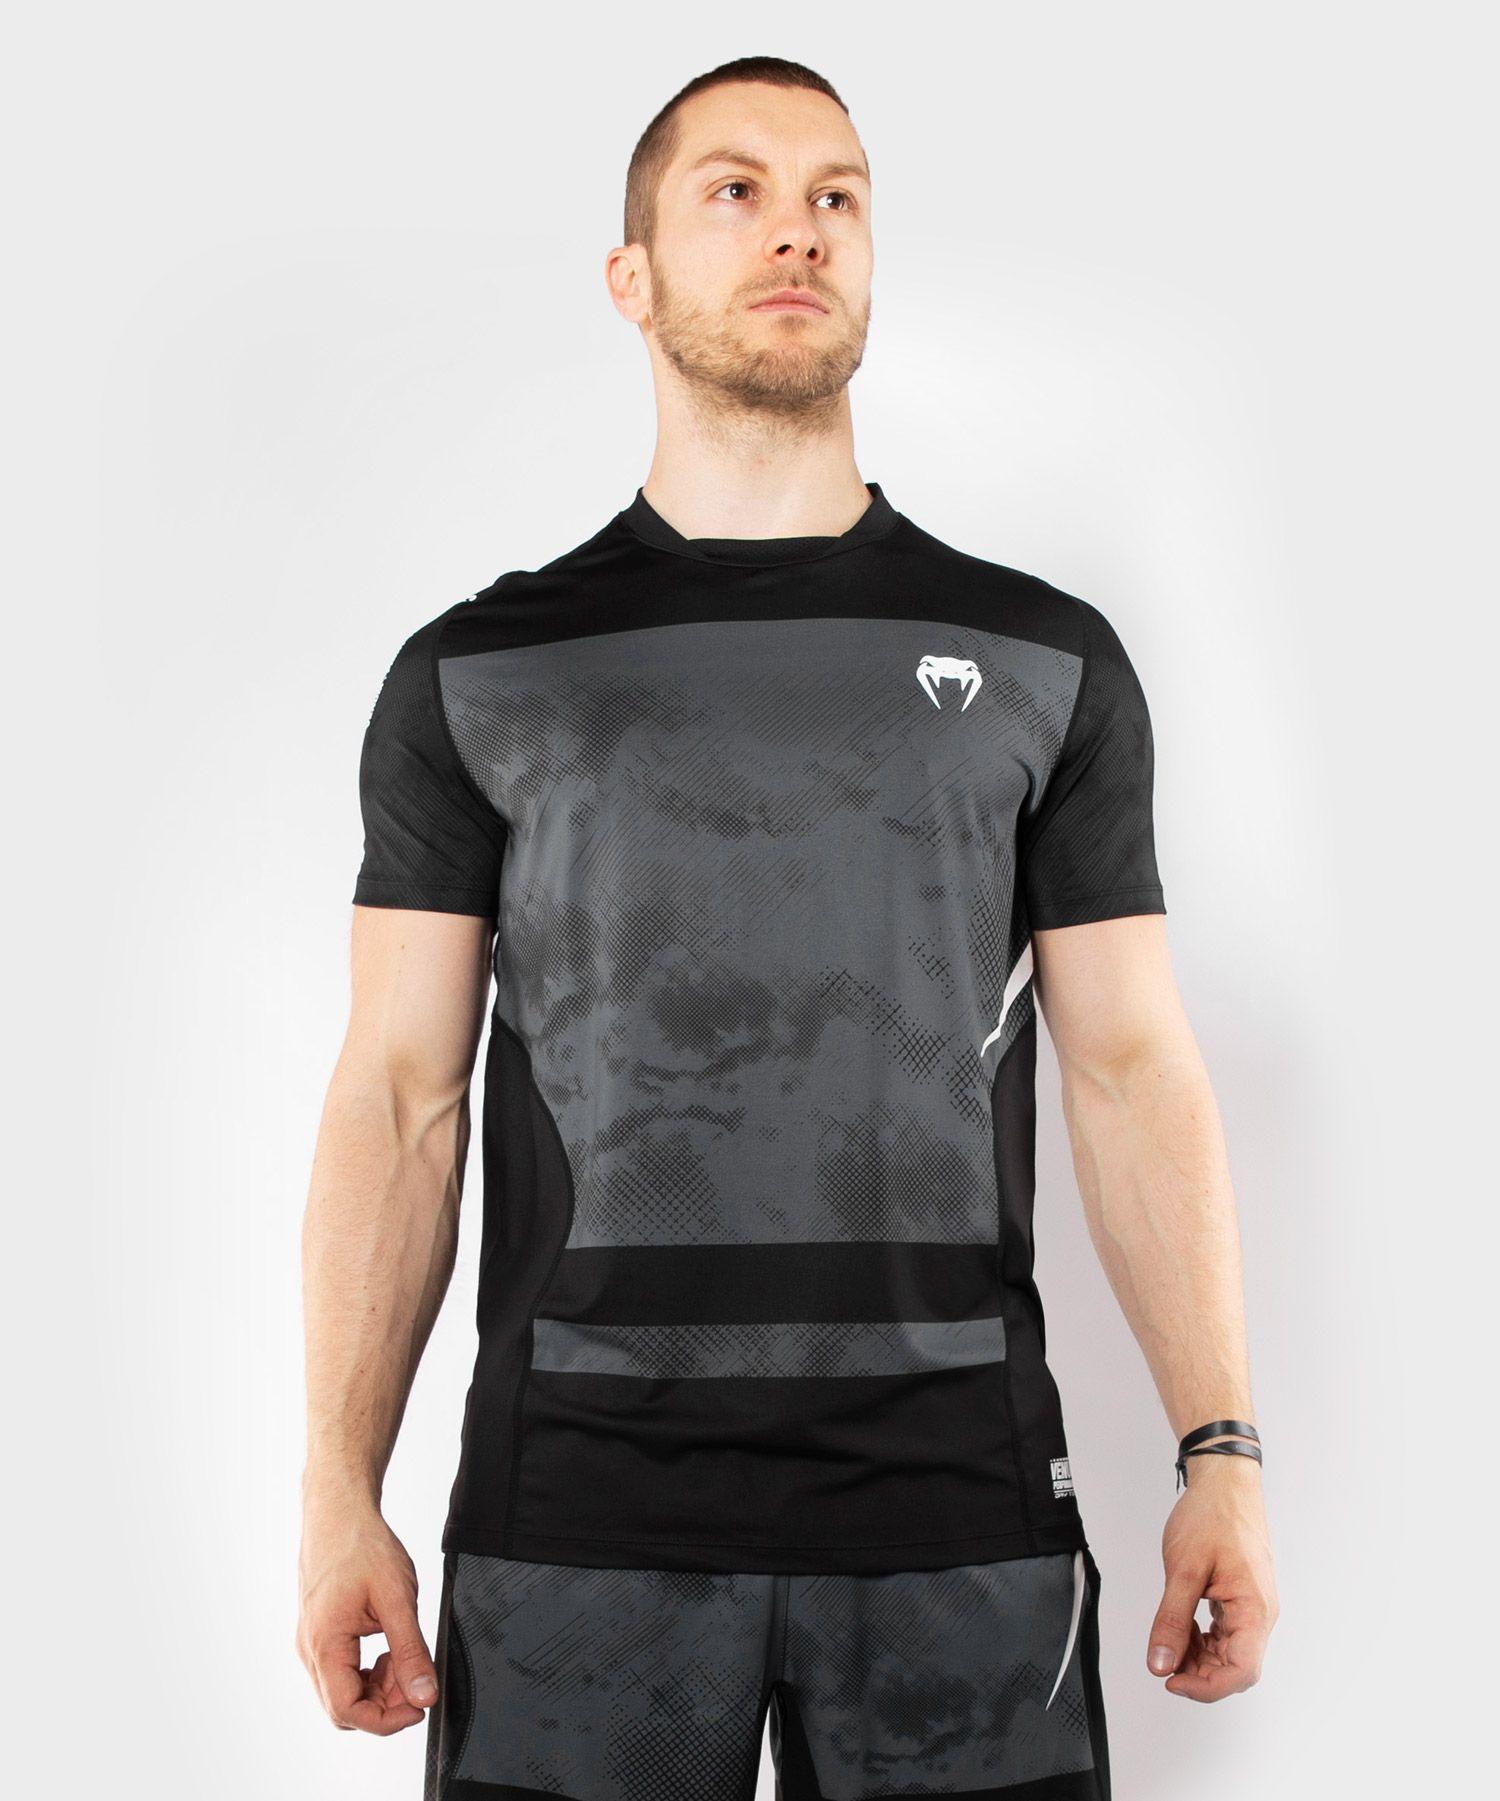 베넘 스카이247 드라이 테크 티셔츠 - 블랙/그레이